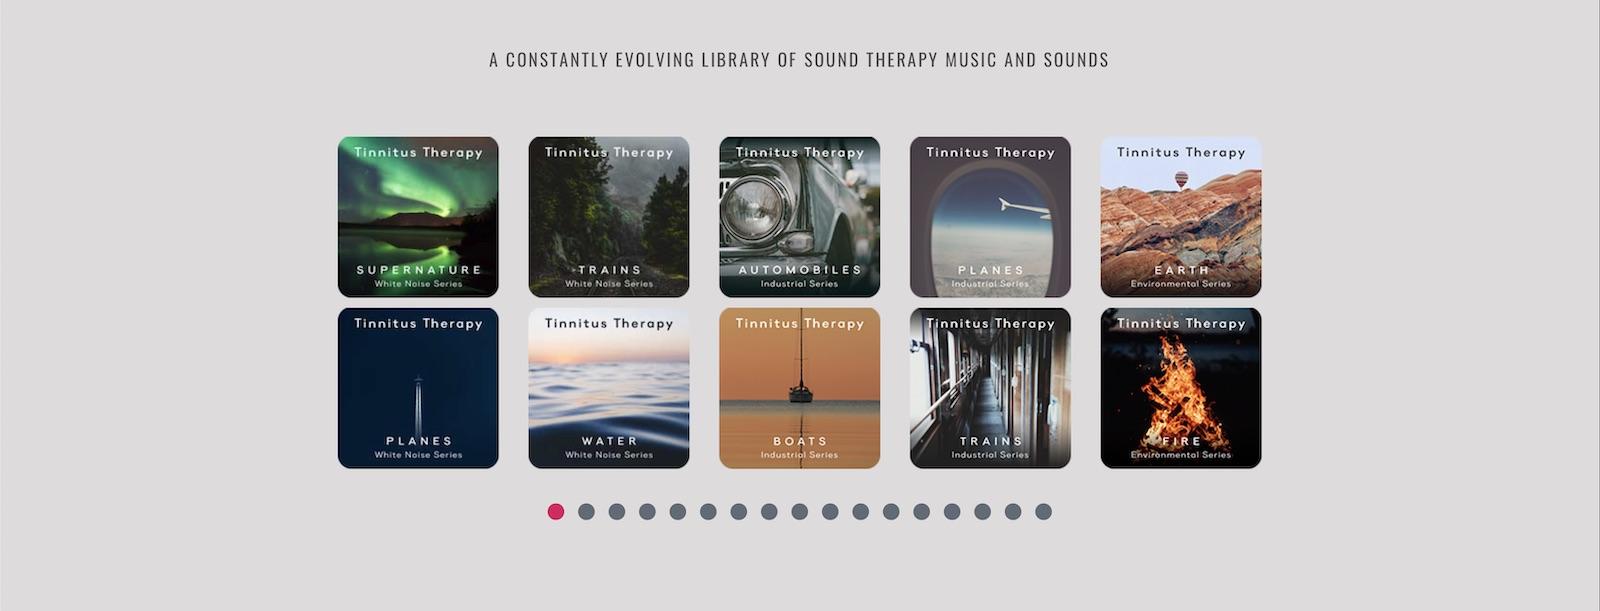 Библиотека доступных звуков в приложении T-Minus